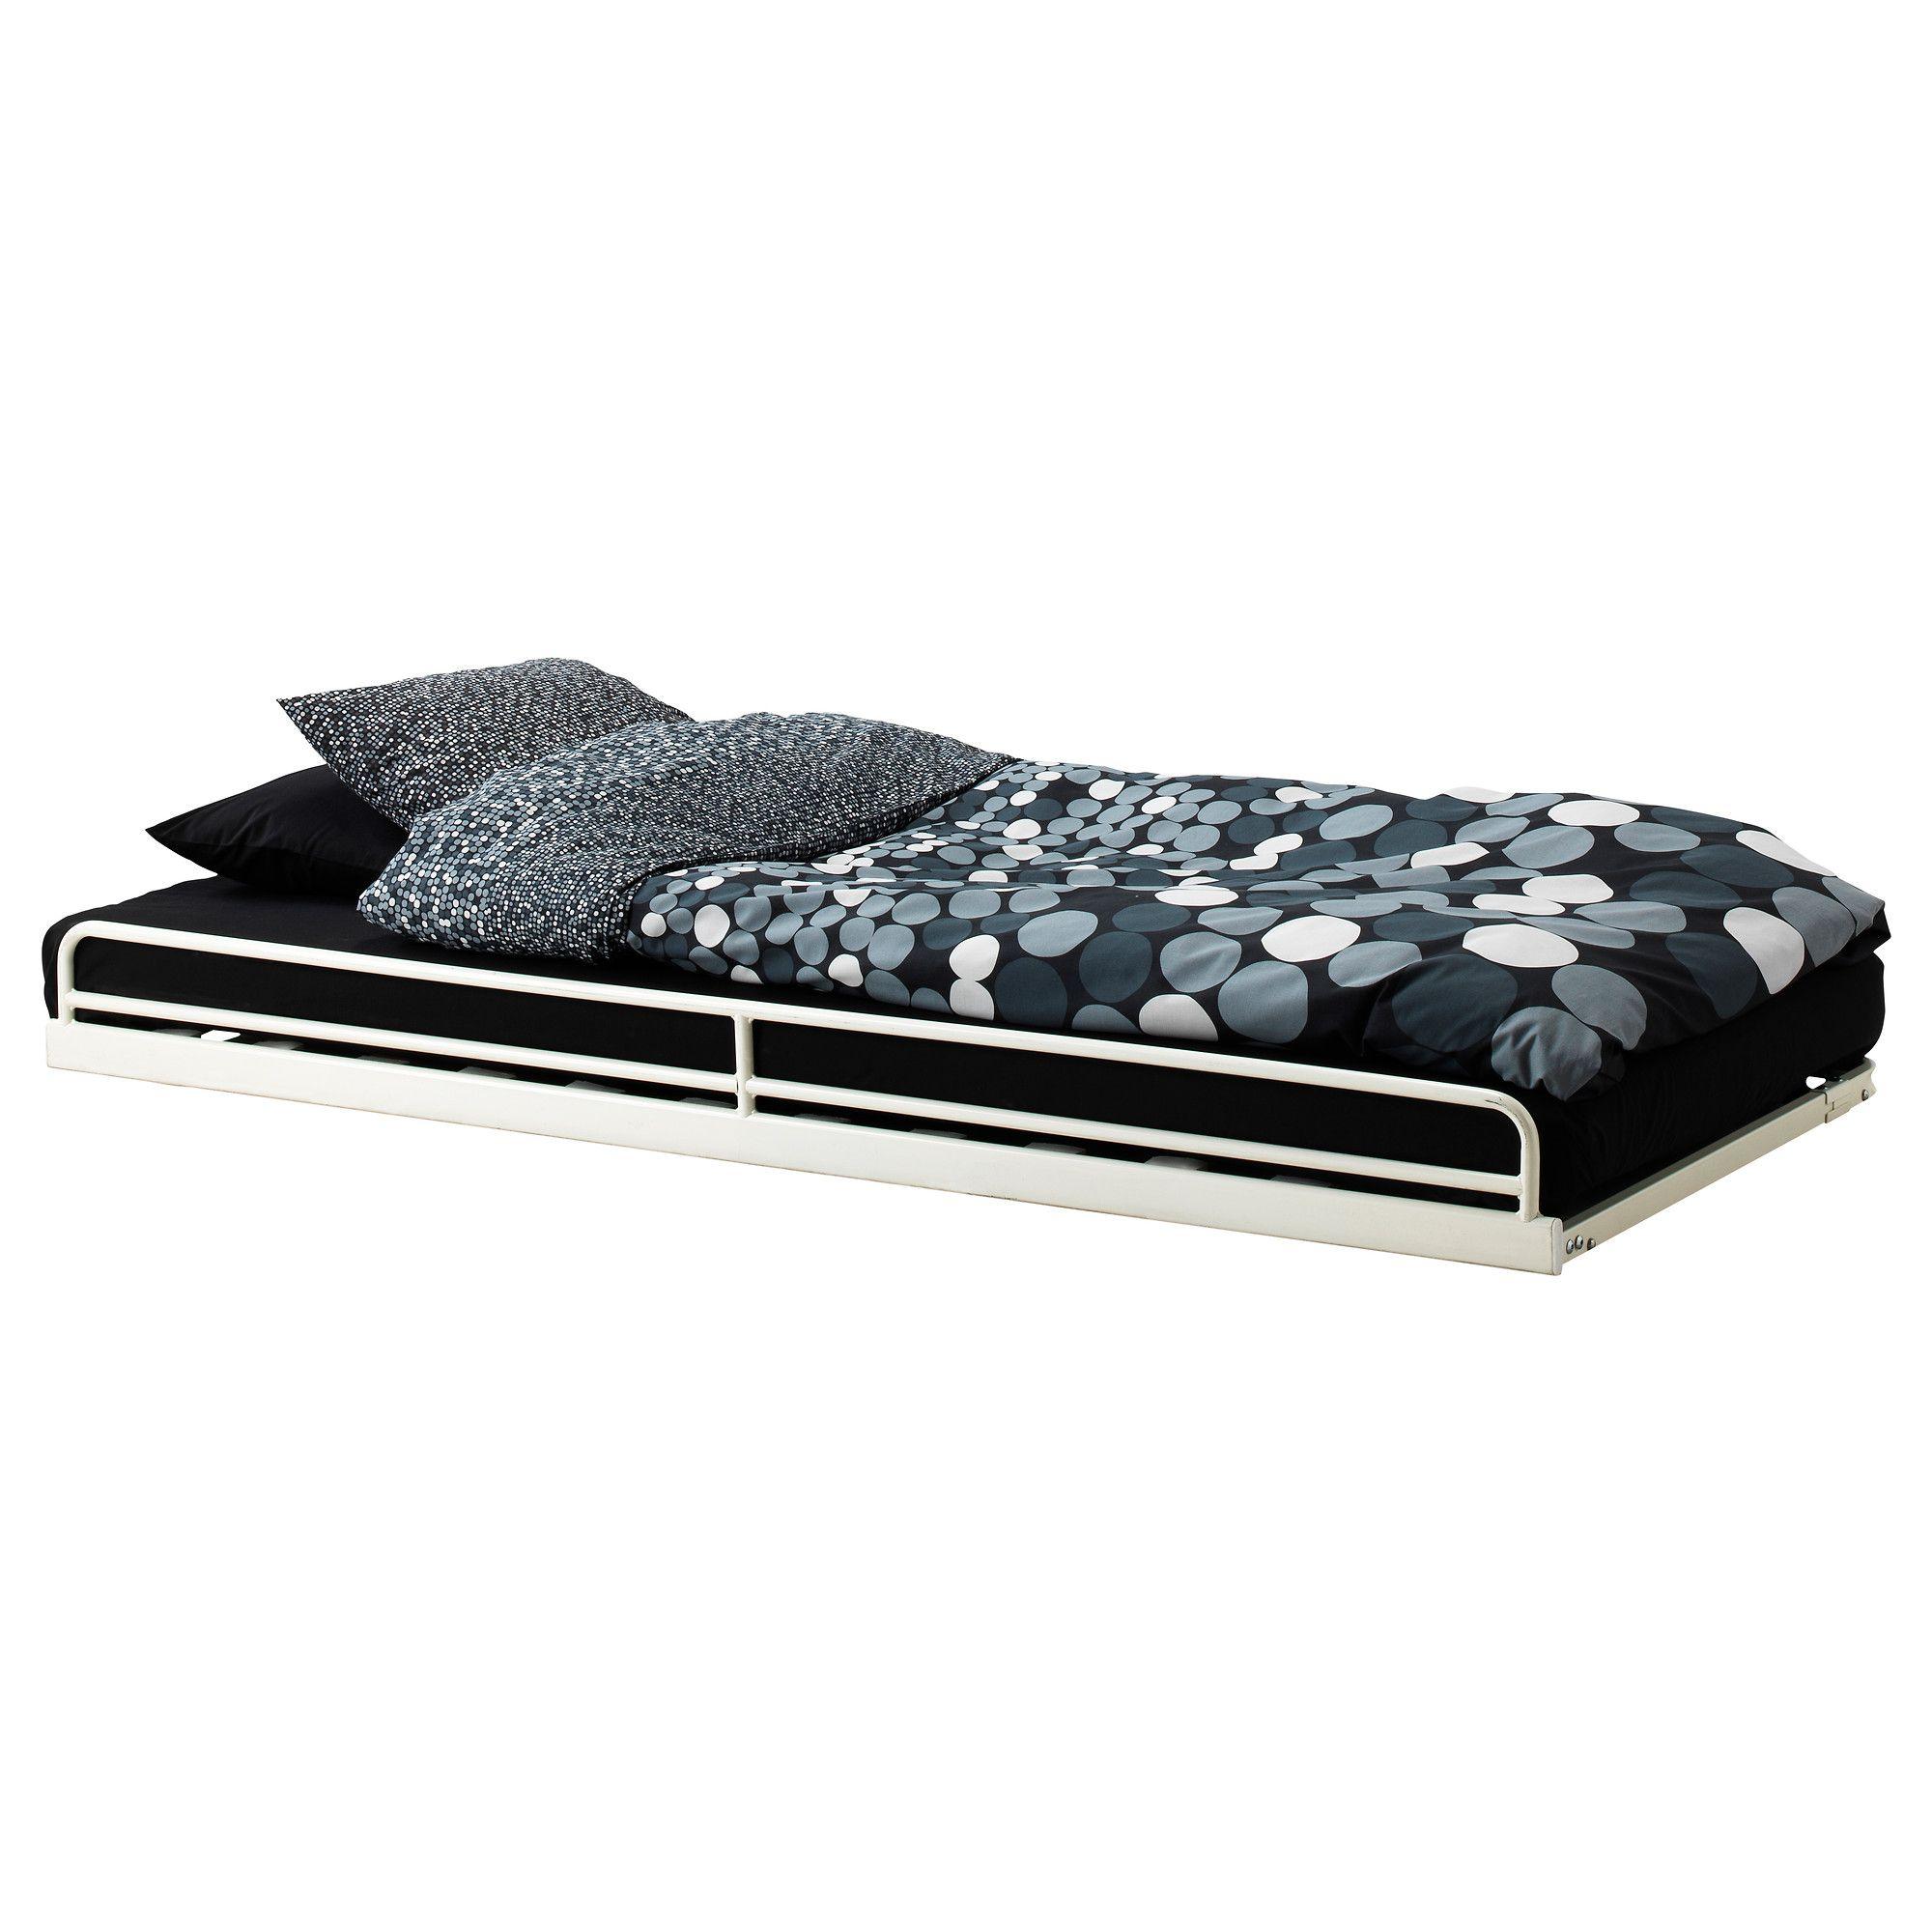 Full Size of Bett Mit Ausziehbett Ikea Hej Bei Sterreich Bildern Aufbewahrung Stauraum 160x200 Betten 200x200 Lattenrost 120x200 Bettkasten Spiegelschrank Bad Beleuchtung Wohnzimmer Bett Mit Ausziehbett Ikea